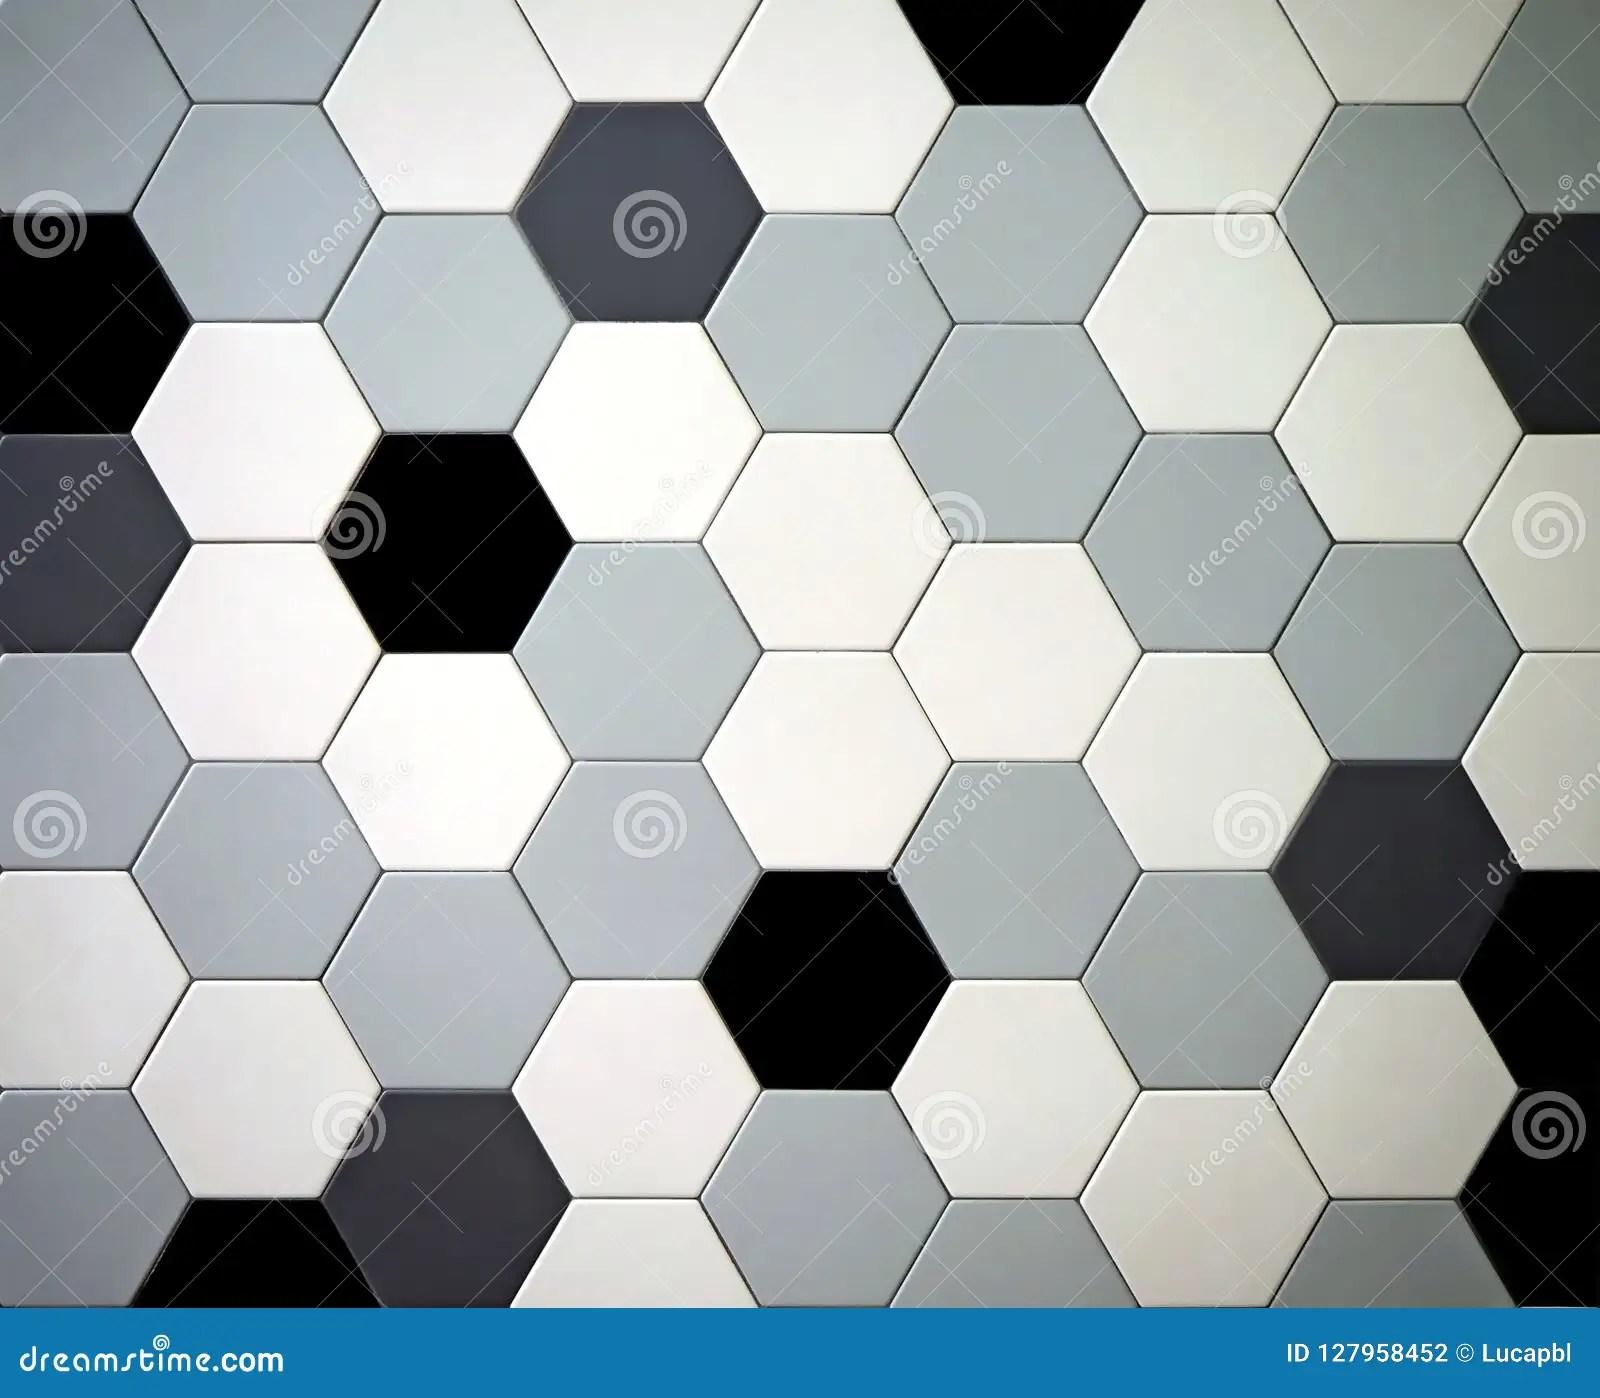 https www dreamstime com modern tiled floor hexagonal tiles colors black white light dark gray randomly arranged image127958452